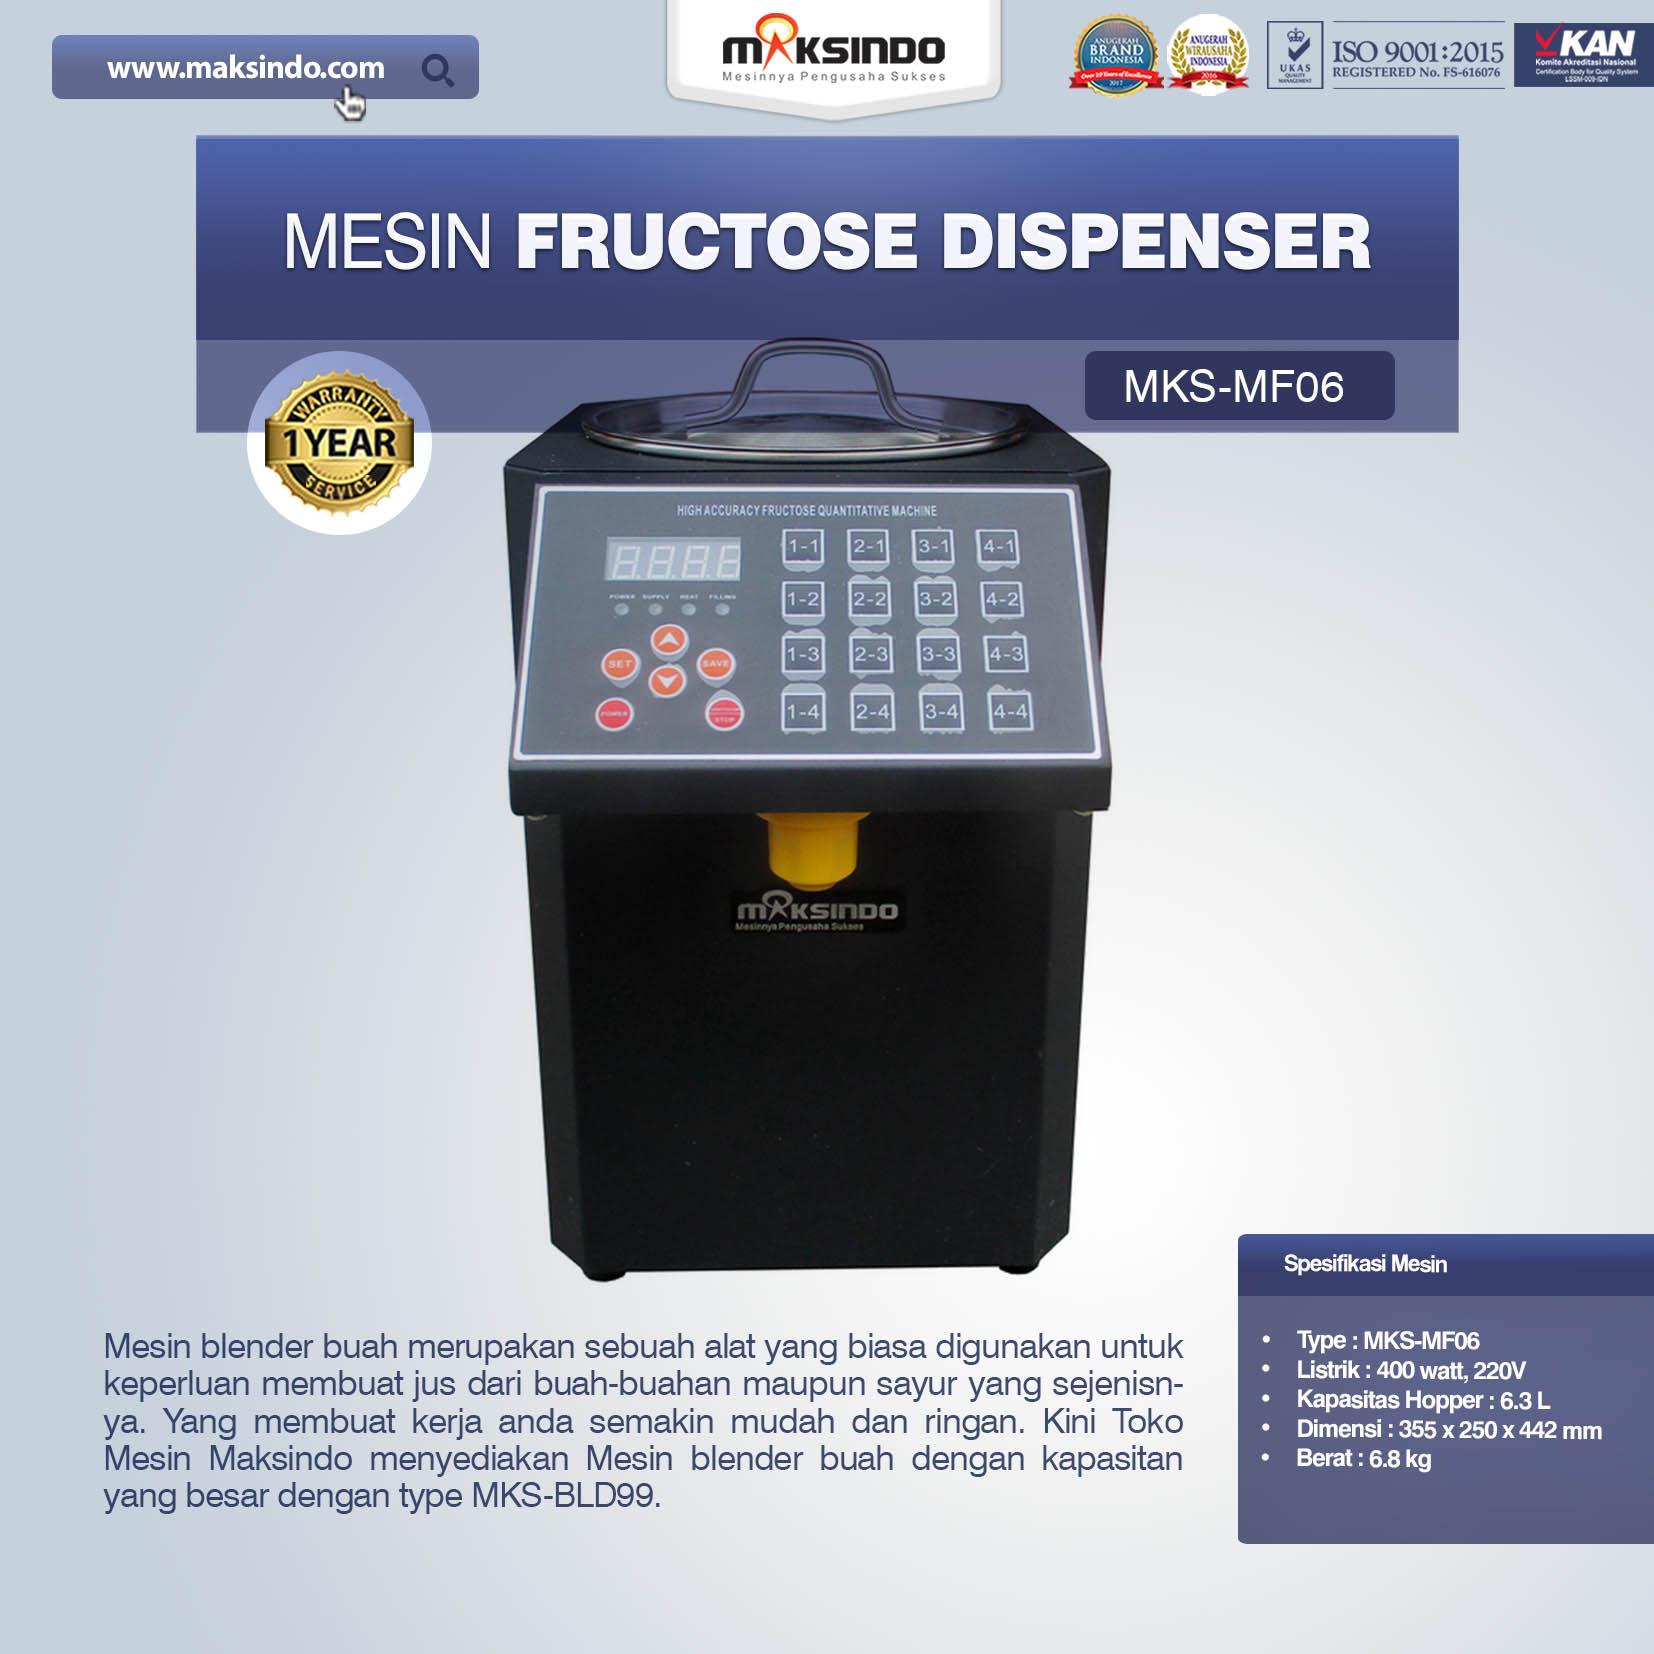 Jual Mesin Fructose Dispenser MKS-MF06 di Bali